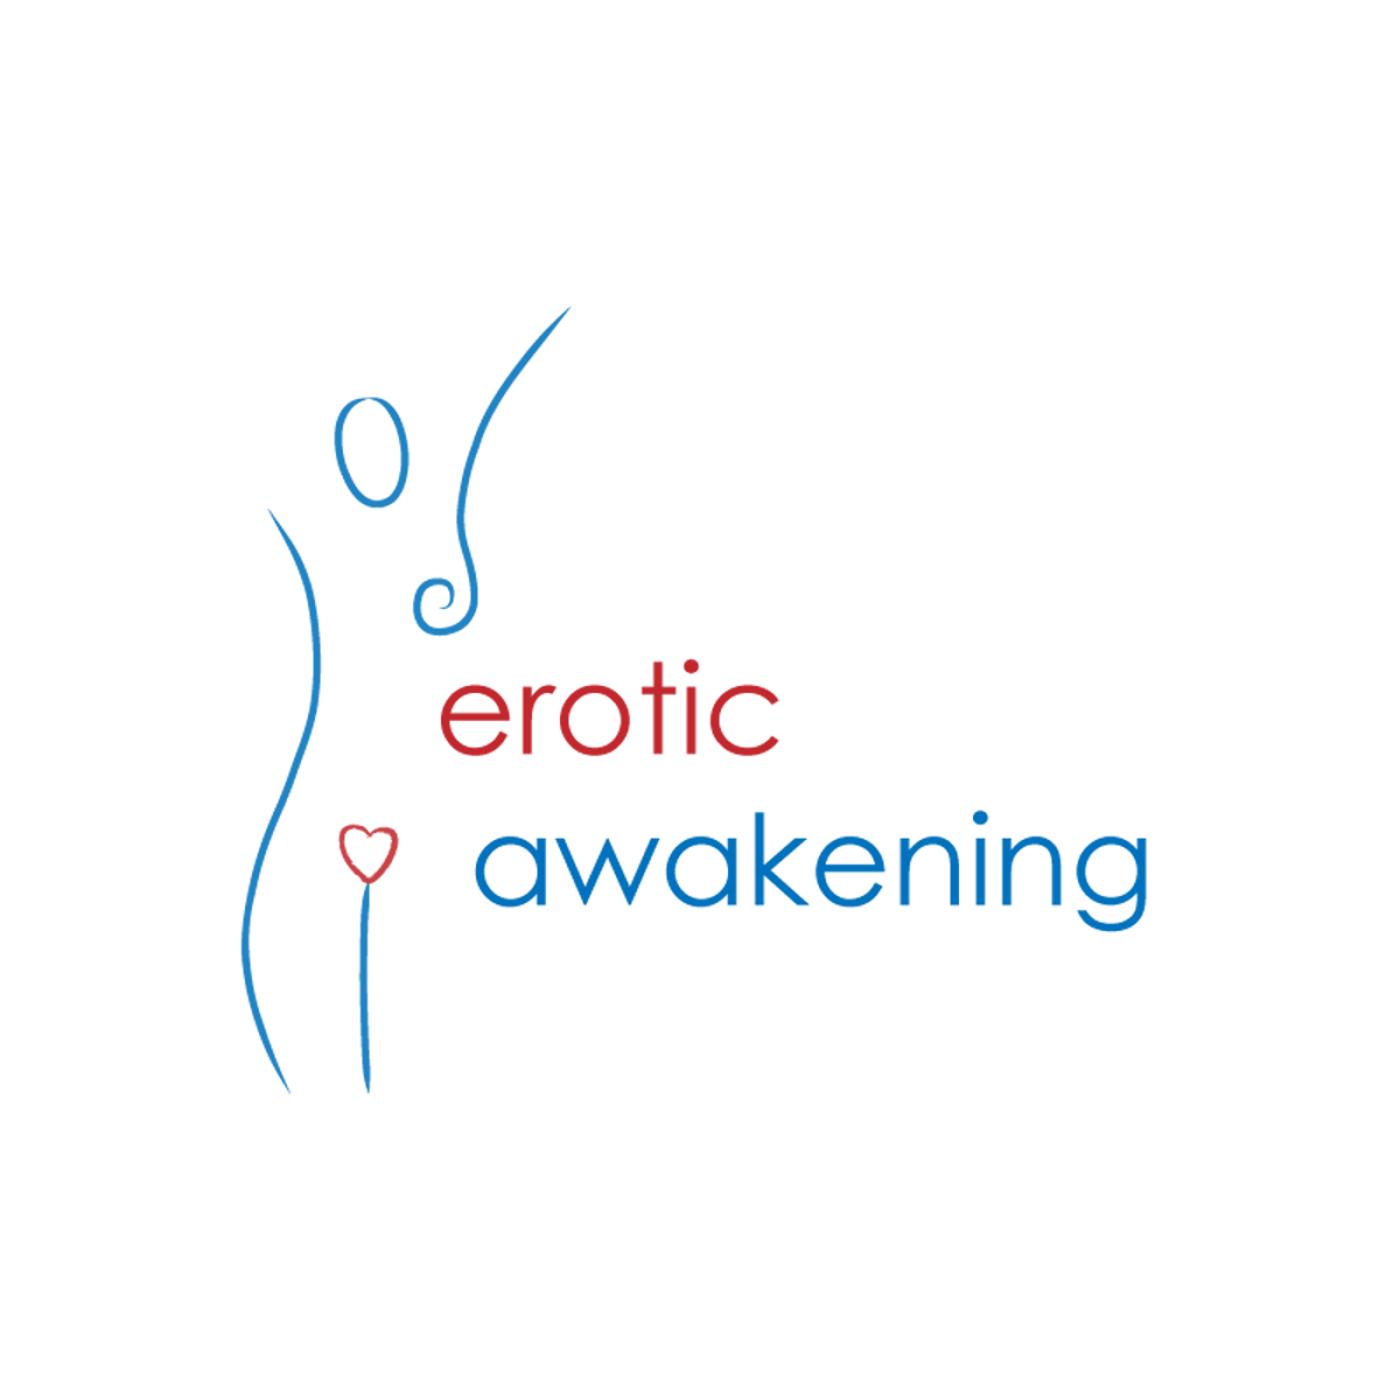 Erotic Awakening Podcast - EA479 - bringing sexy back with Xanet Pailet